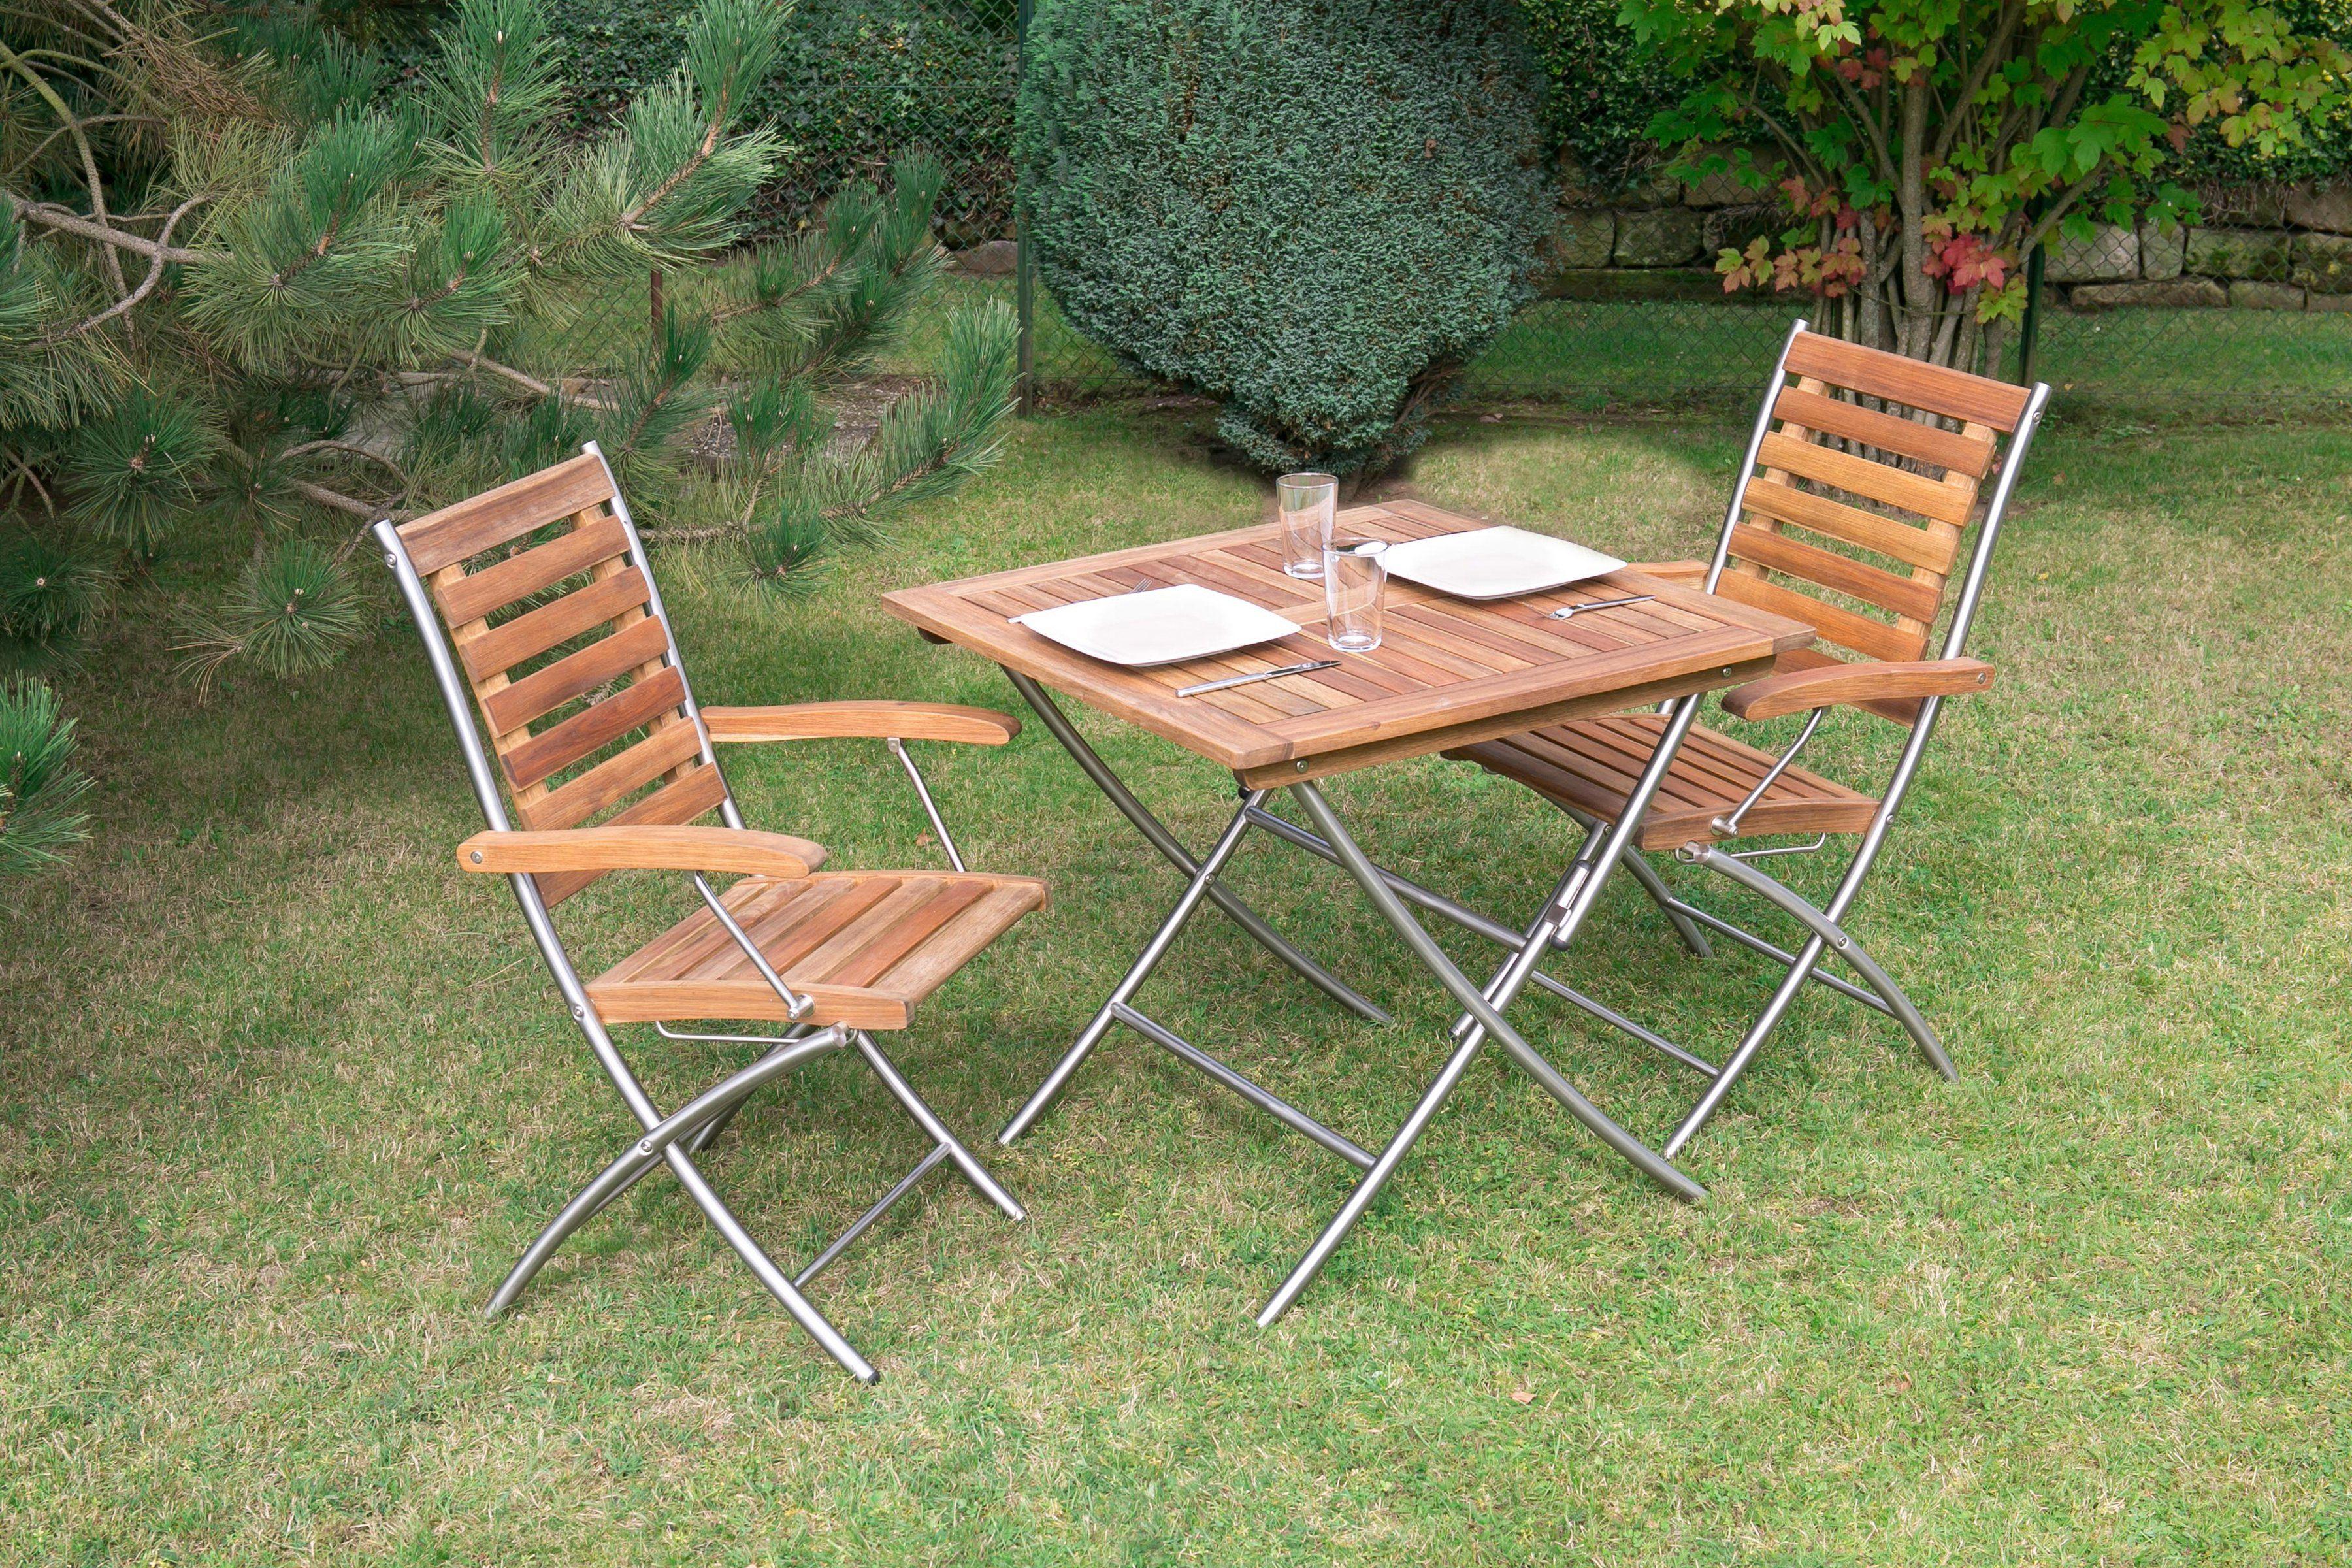 Gartenmöbel Set Holz Klappbar ~ Bella sole gartenmöbel set online kaufen möbel suchmaschine